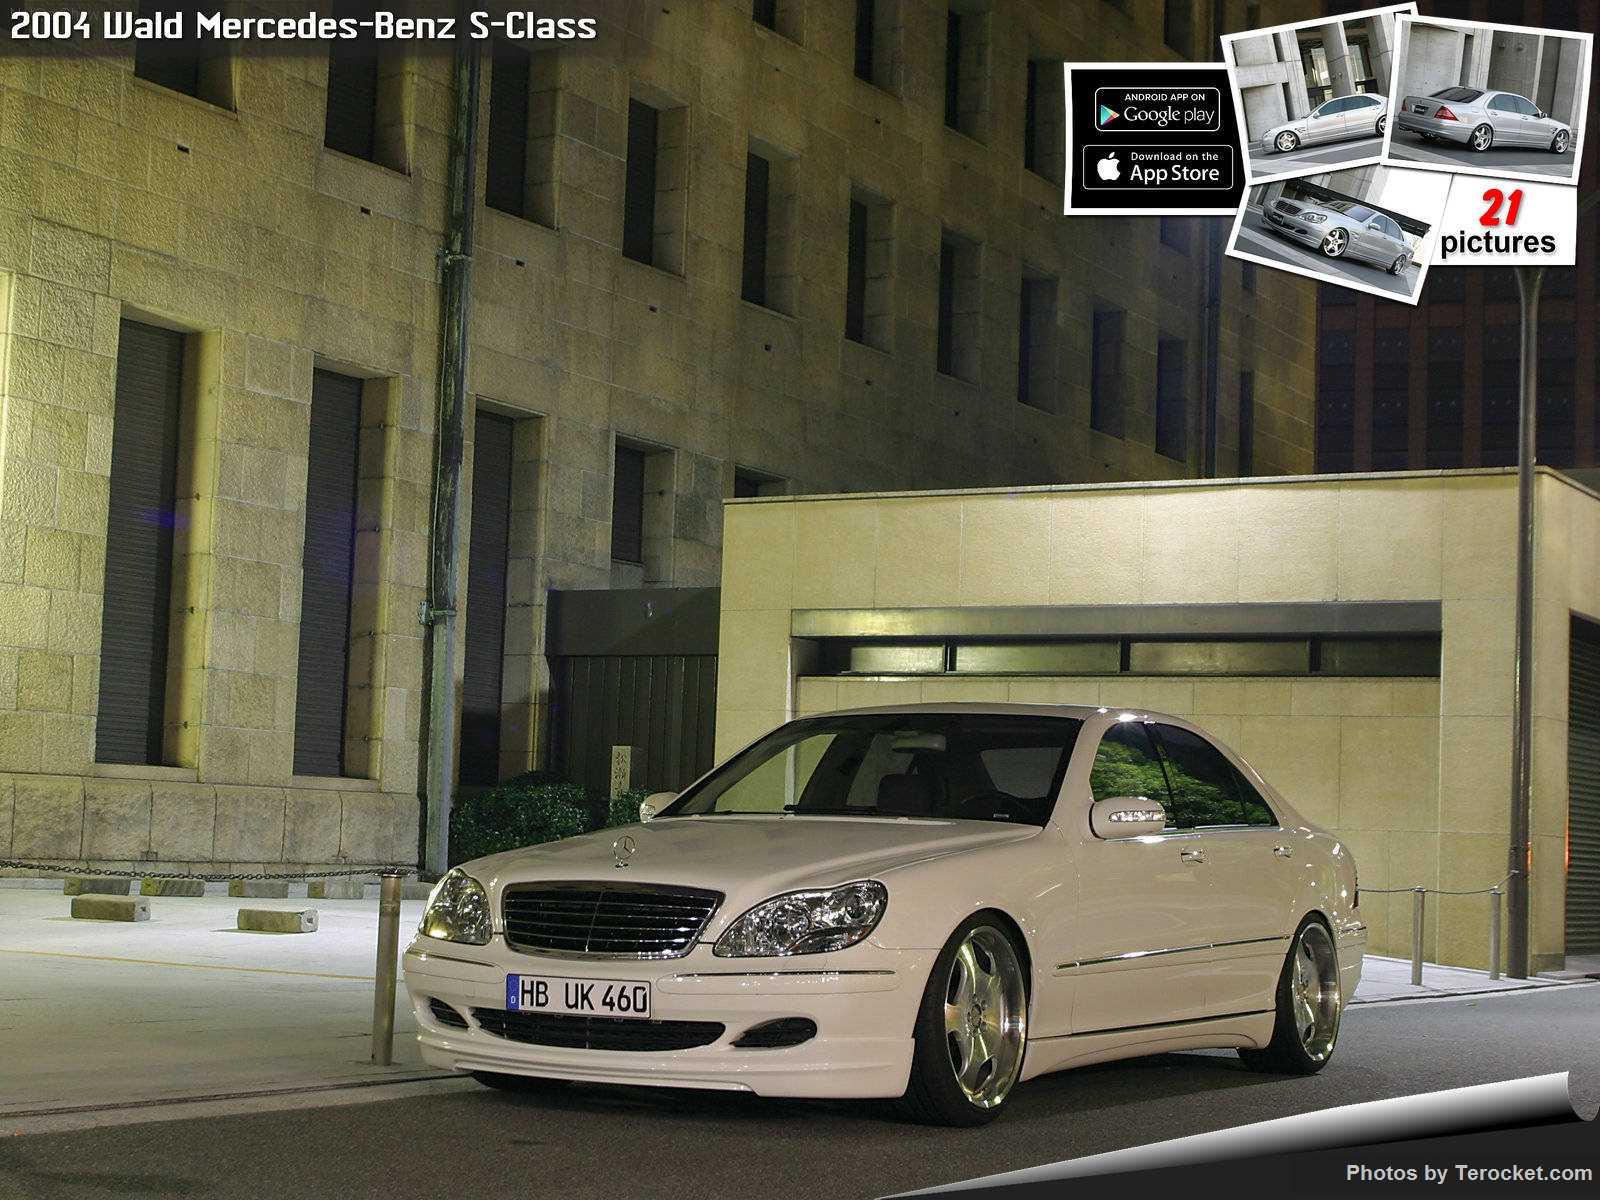 Hình ảnh xe độ Wald Mercedes-Benz S-Class 2004 & nội ngoại thất